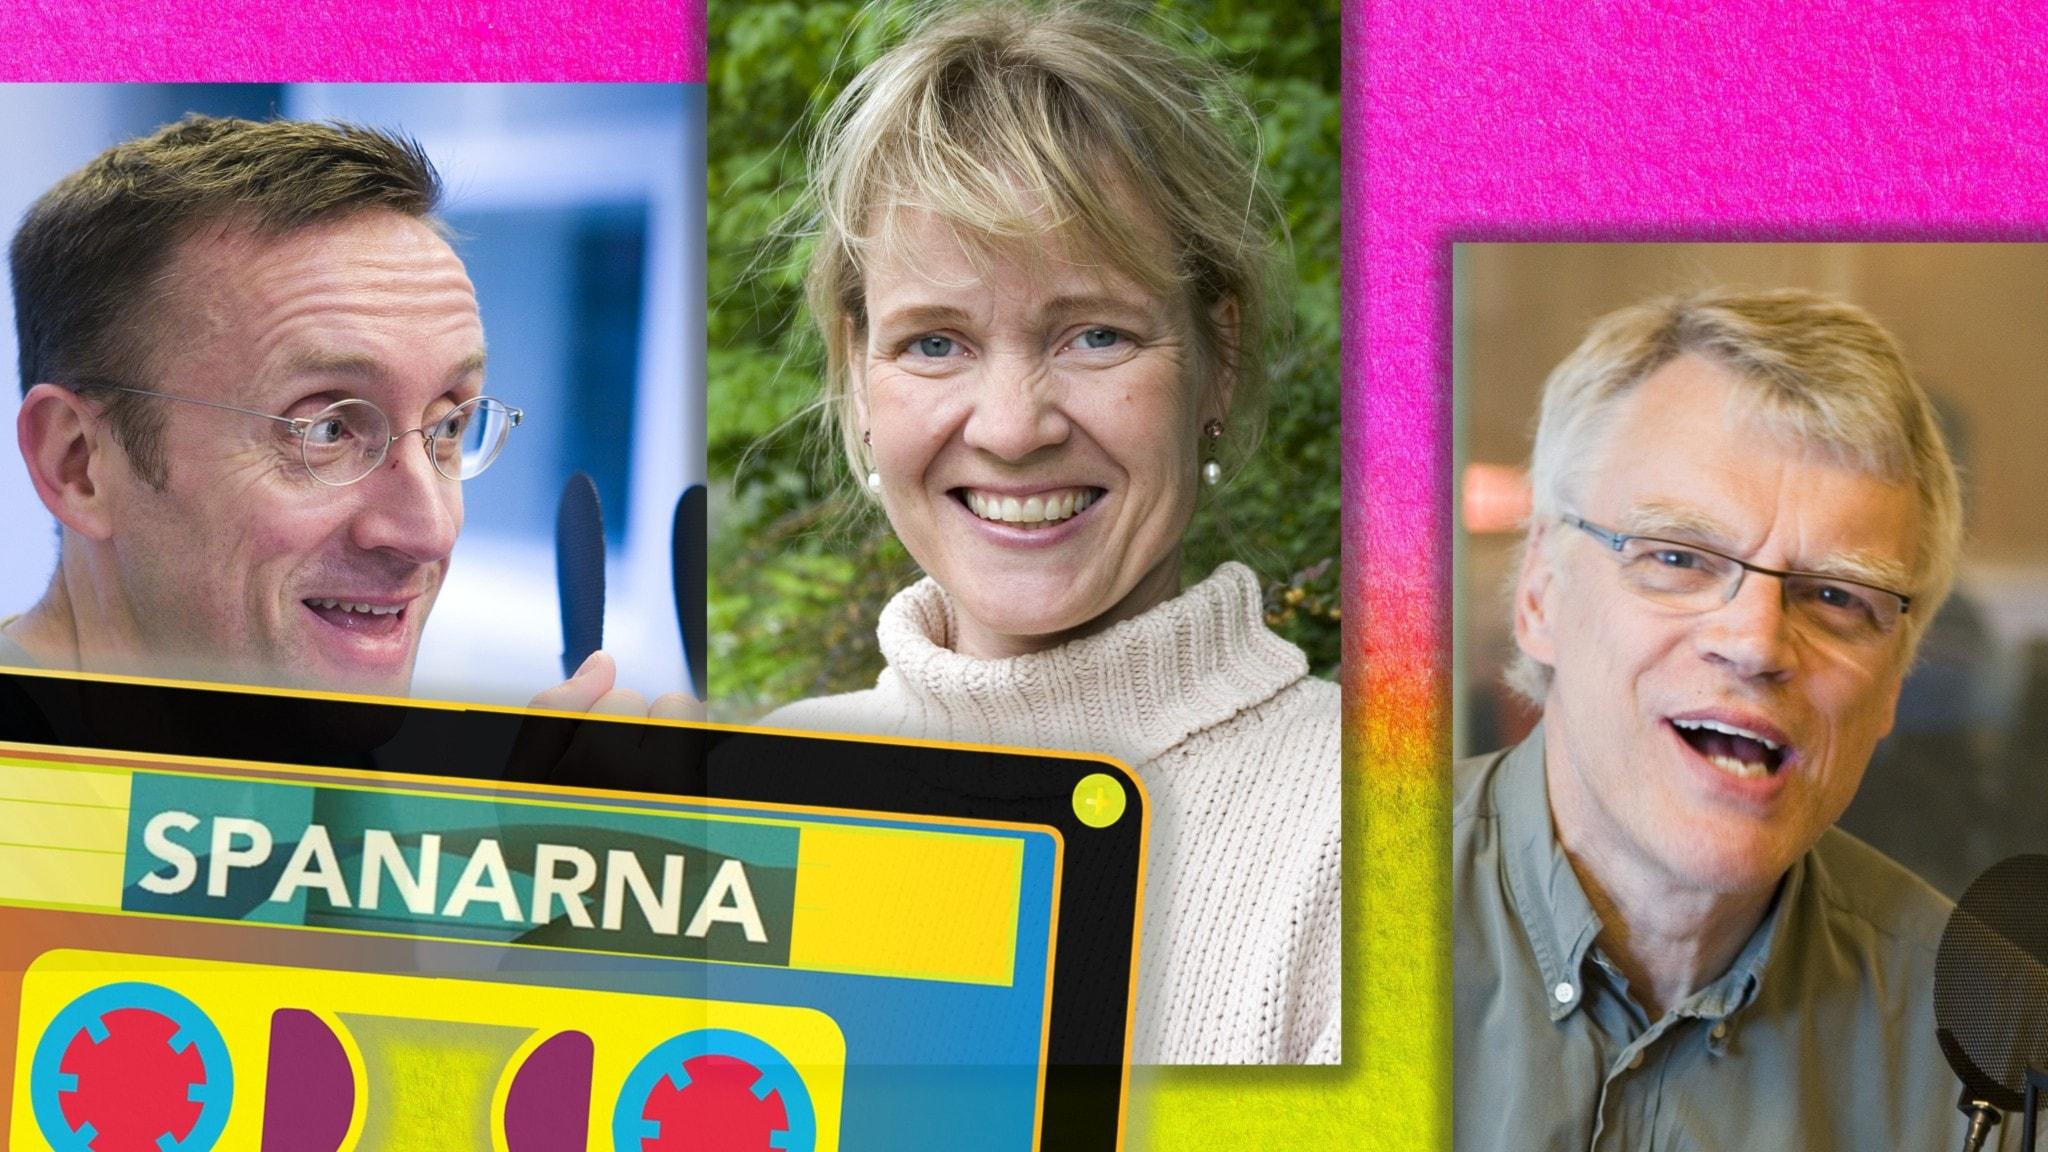 Göran Everdahl, Jonas Hallberg och Gabriella Ahlström. Foto Micke Grönberg Sveriges Radio